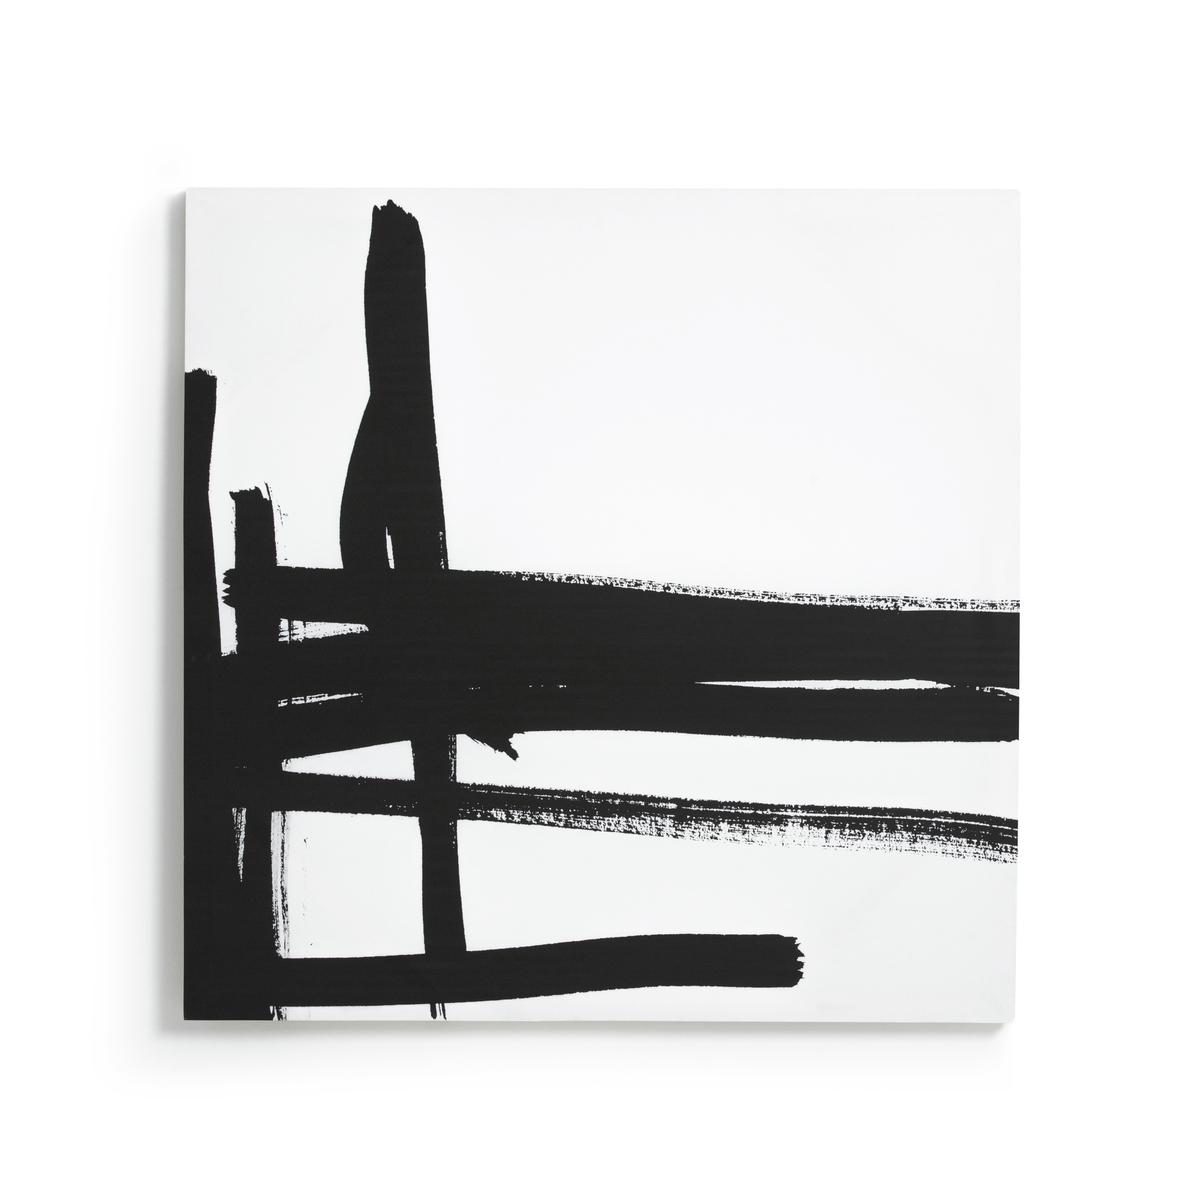 Картина, размер 2, DystilaРисунок на канве Dystila. Абстрактный черно-белый рисунок сочетается с рисунком 1 Dystila, продающимся на нашем сайте. 2 крючка для крепления к стене (болты и дюбели в комплект не входят). Размеры : Ш80 x В80 см.<br><br>Цвет: черный/ белый<br>Размер: единый размер